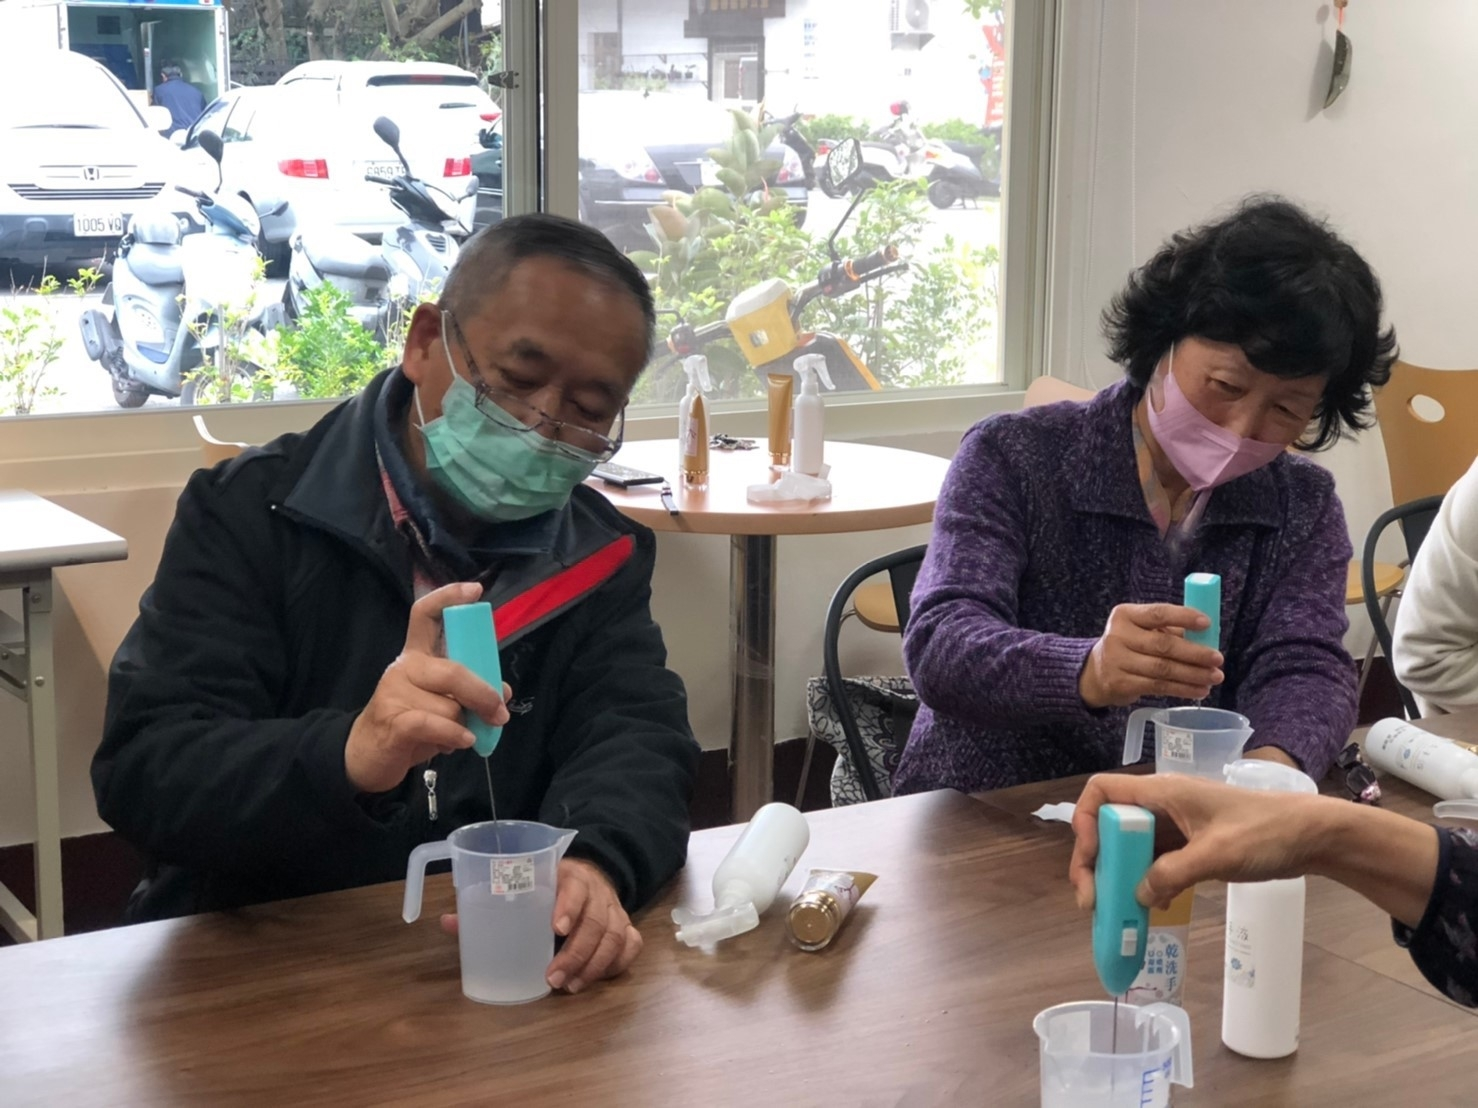 花蓮市立圖書館為防範新冠肺炎病毒上身,連續兩周開辦防疫、抗菌小物手作課,邀請吳韻晨老師指導大家,製作抗菌噴霧、凝膠兩款乾洗手。